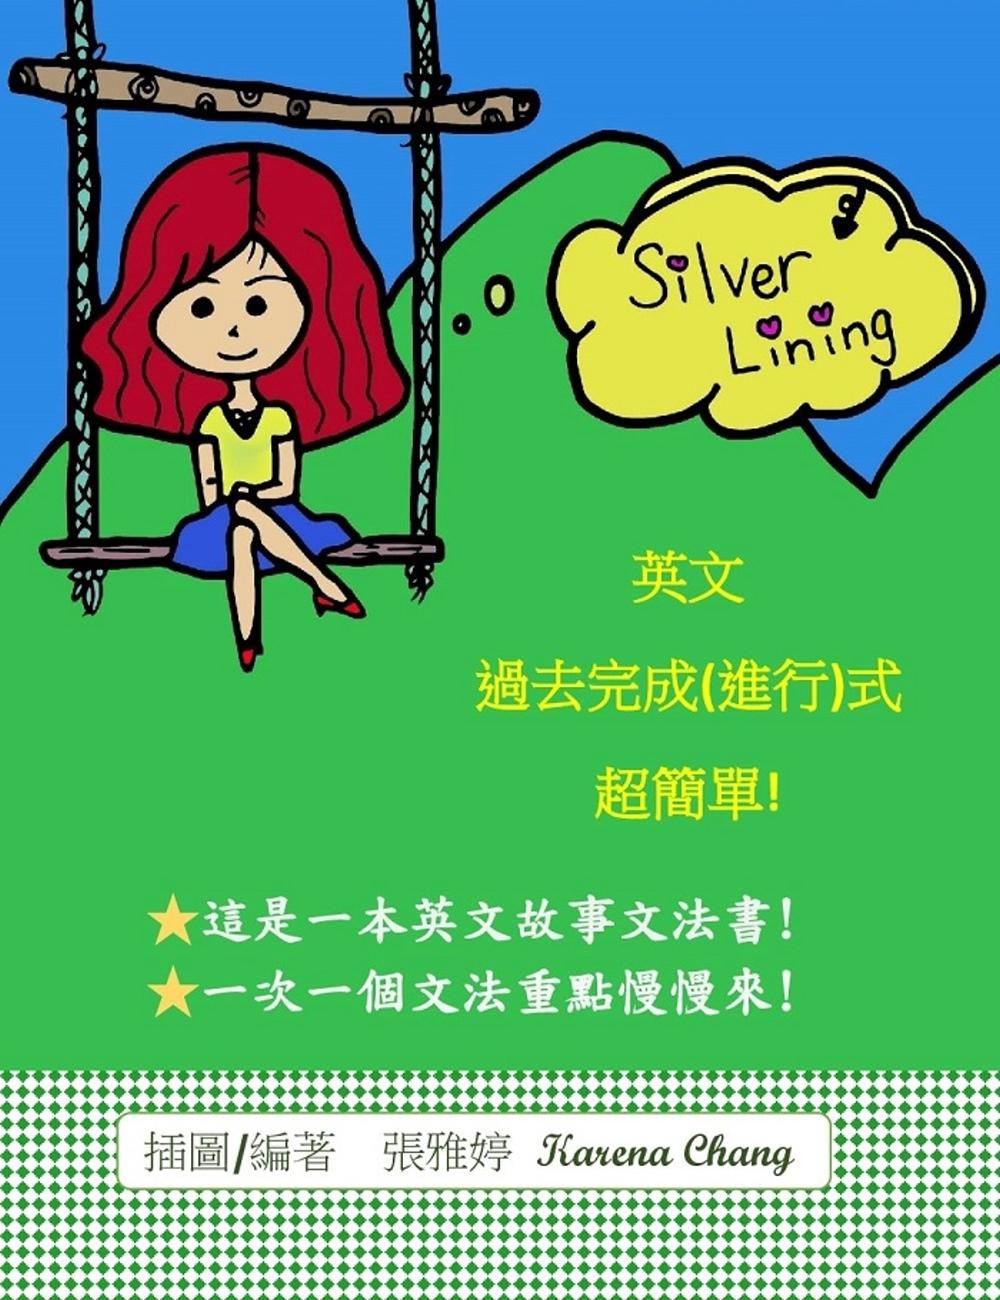 ◤博客來BOOKS◢ 暢銷書榜《推薦》Silver Lining:英文過去完成(進行)式超簡單!